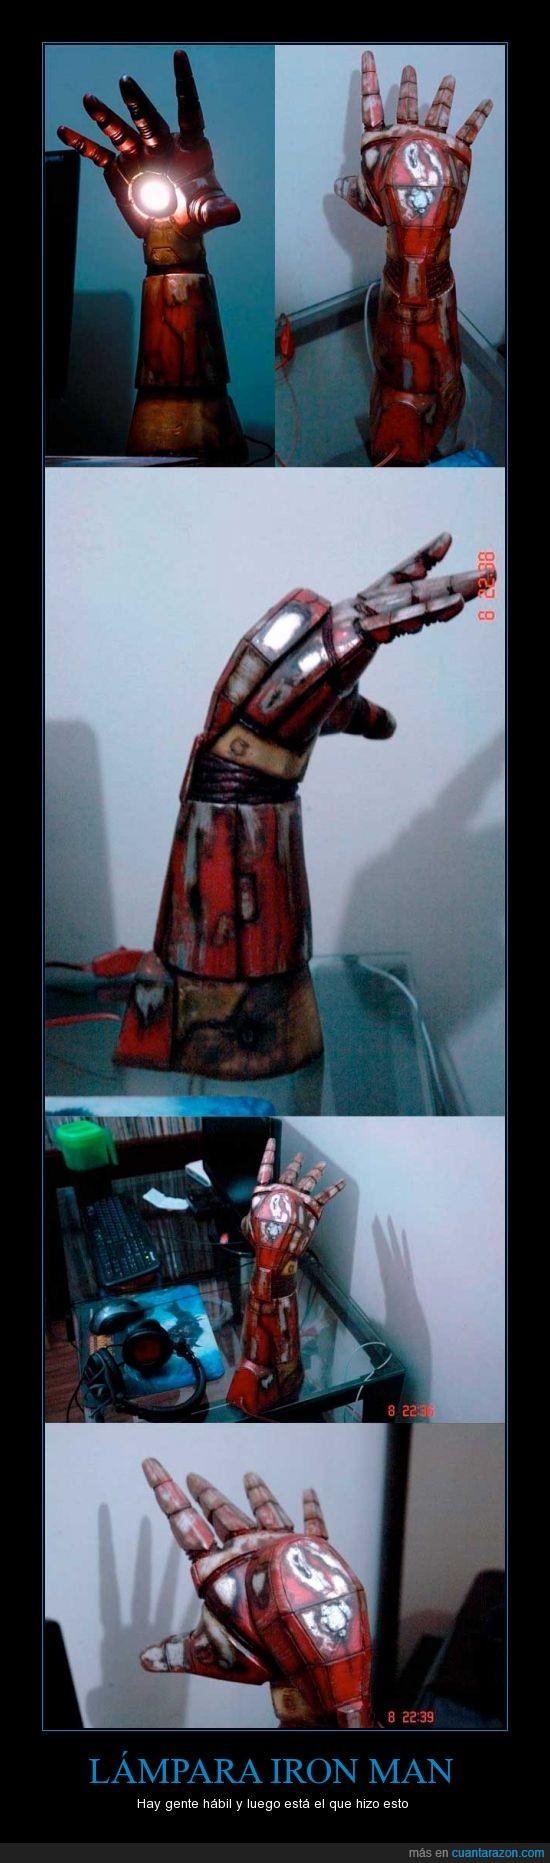 brazo,habitacion,iron man,lampara,luz,manualidad